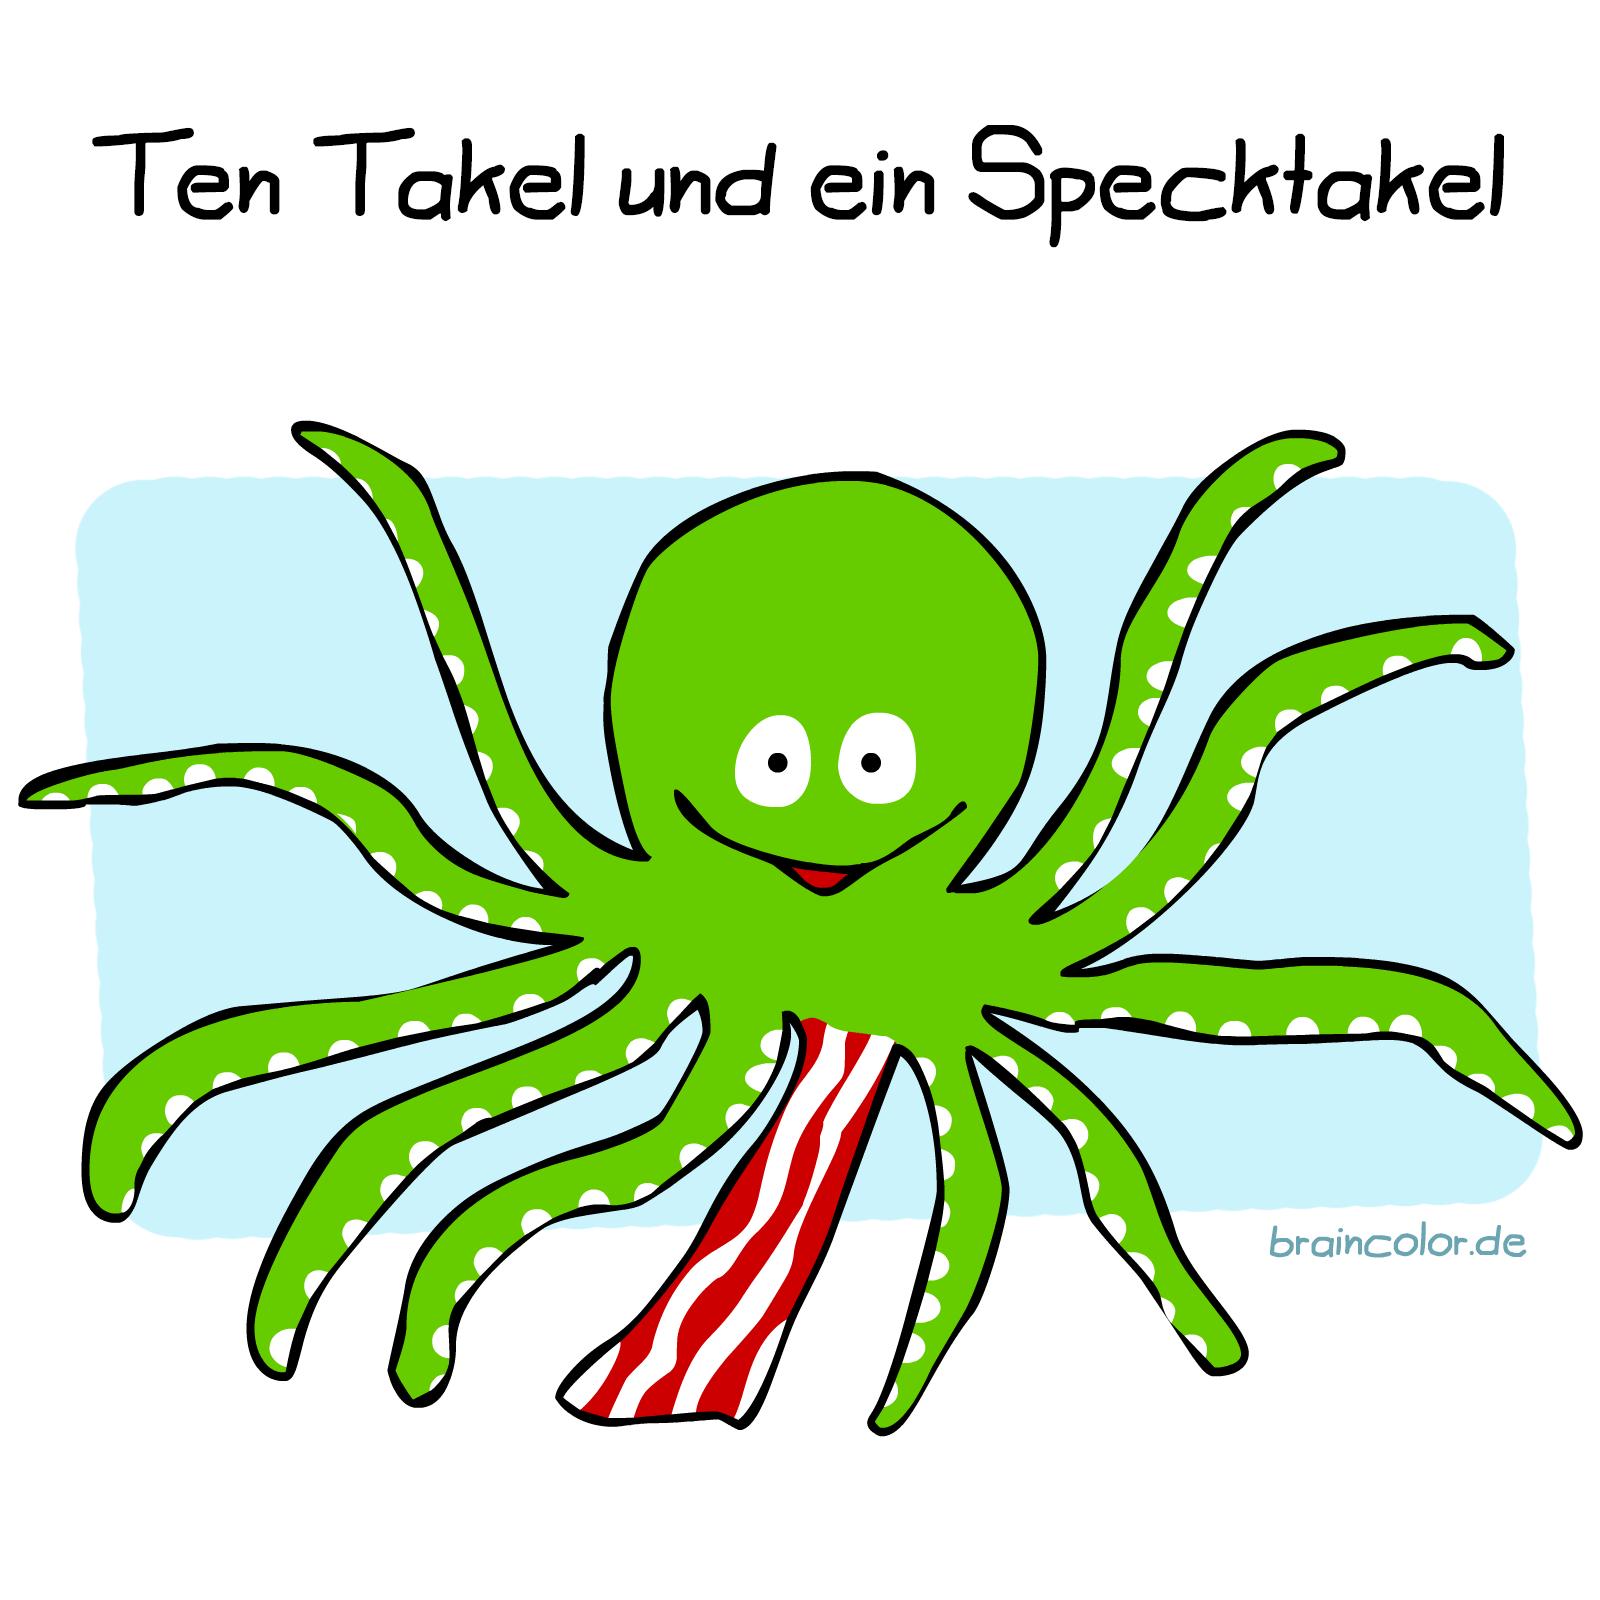 Tentakel Spektakel